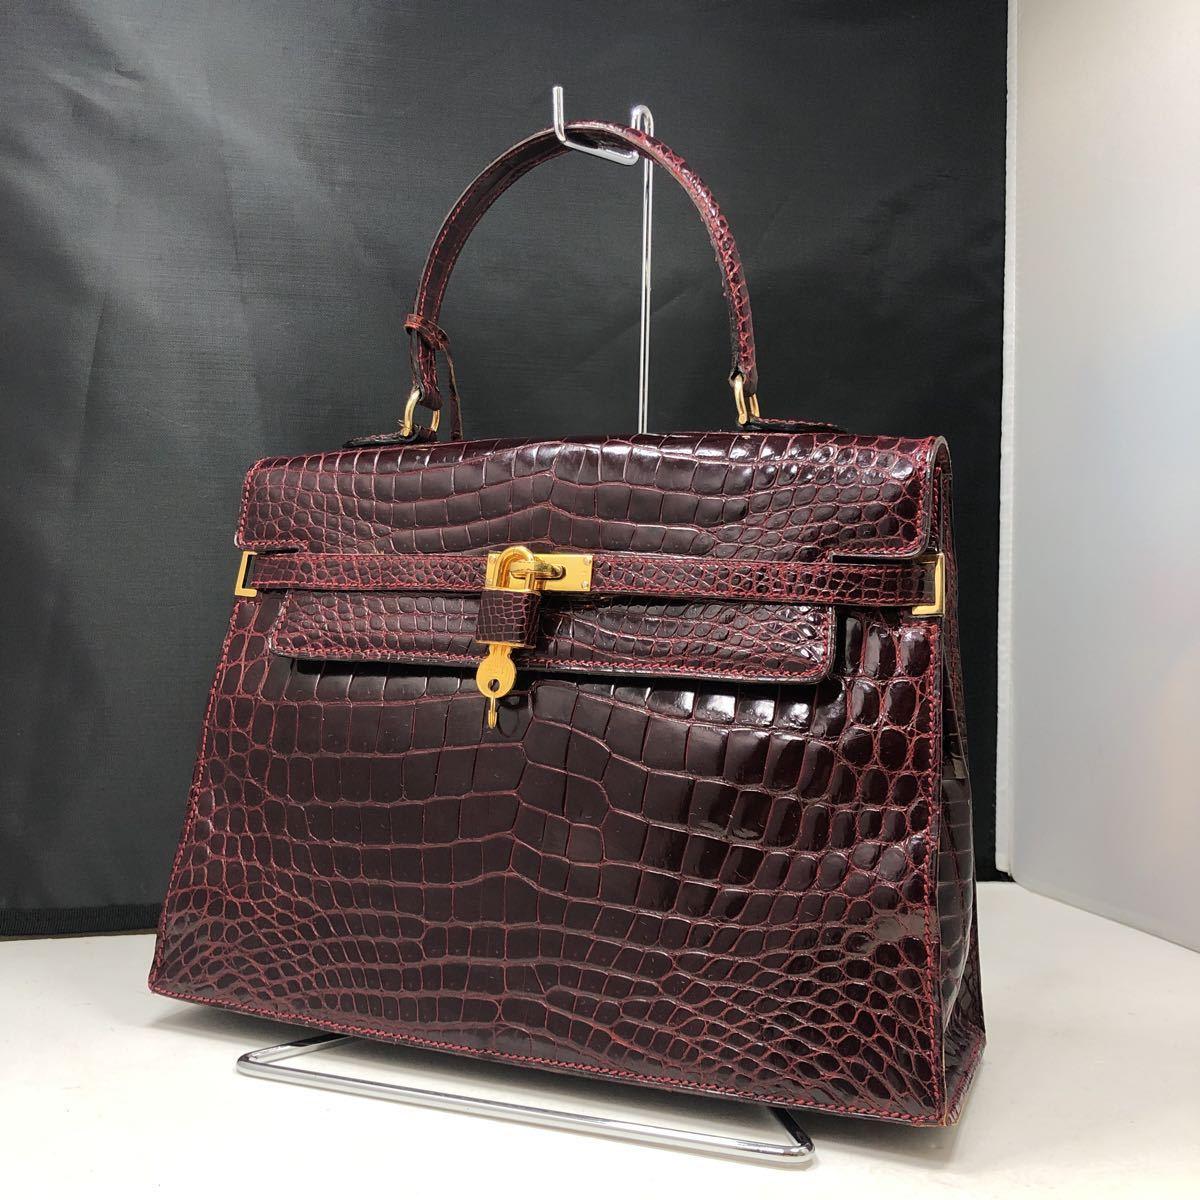 1円~ MORABITO モラビト スカラ 28cm クロコダイル ケリー型 ハンドバッグ